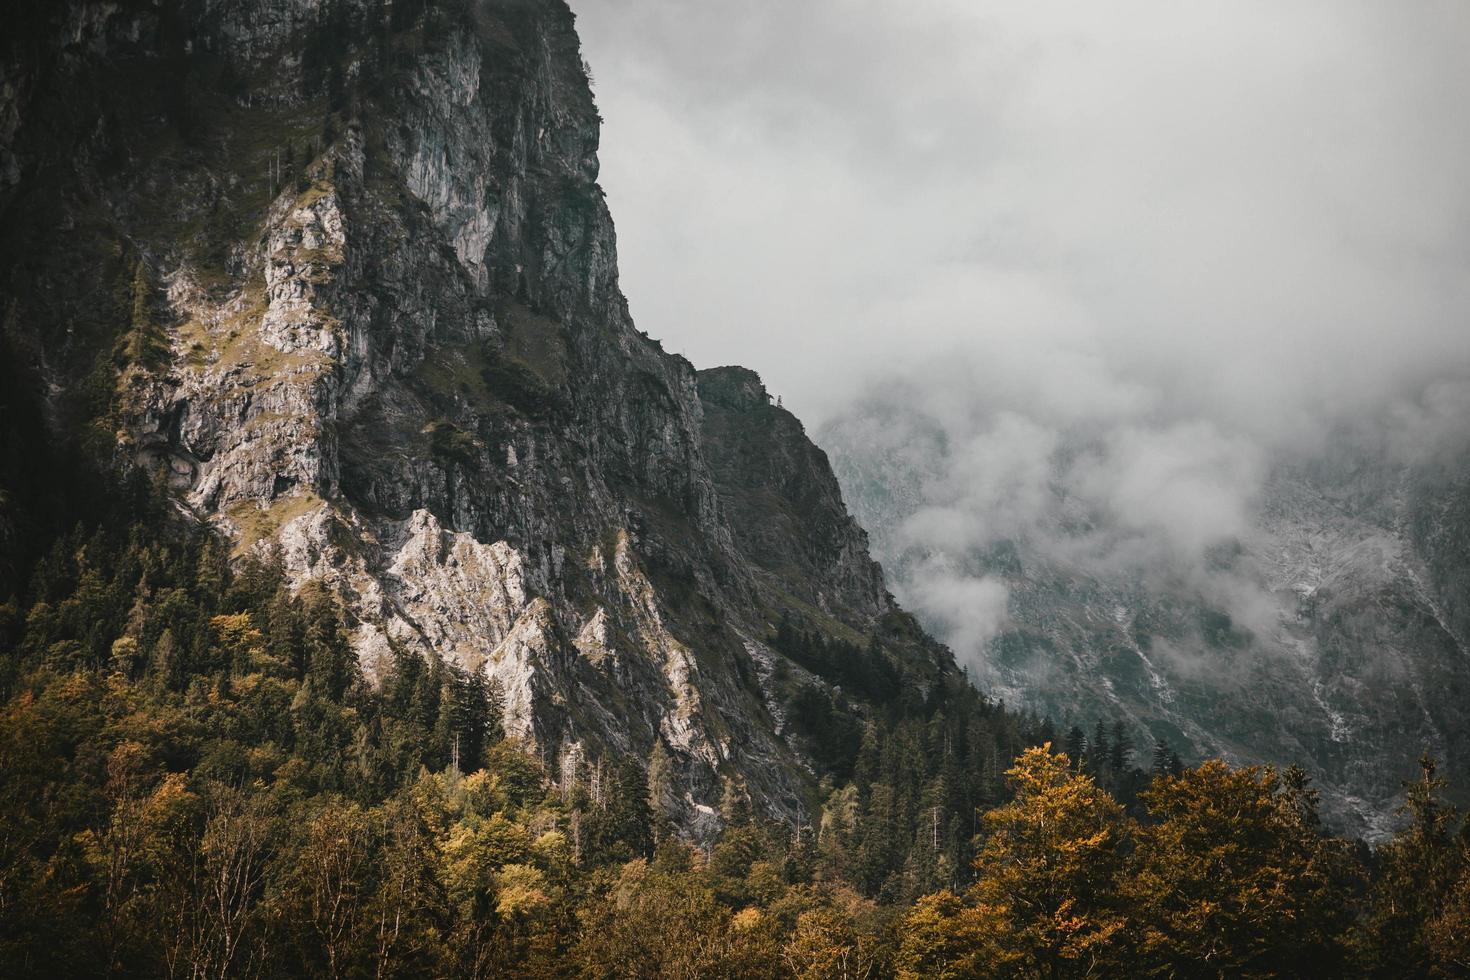 montagnes et arbres maussades photo